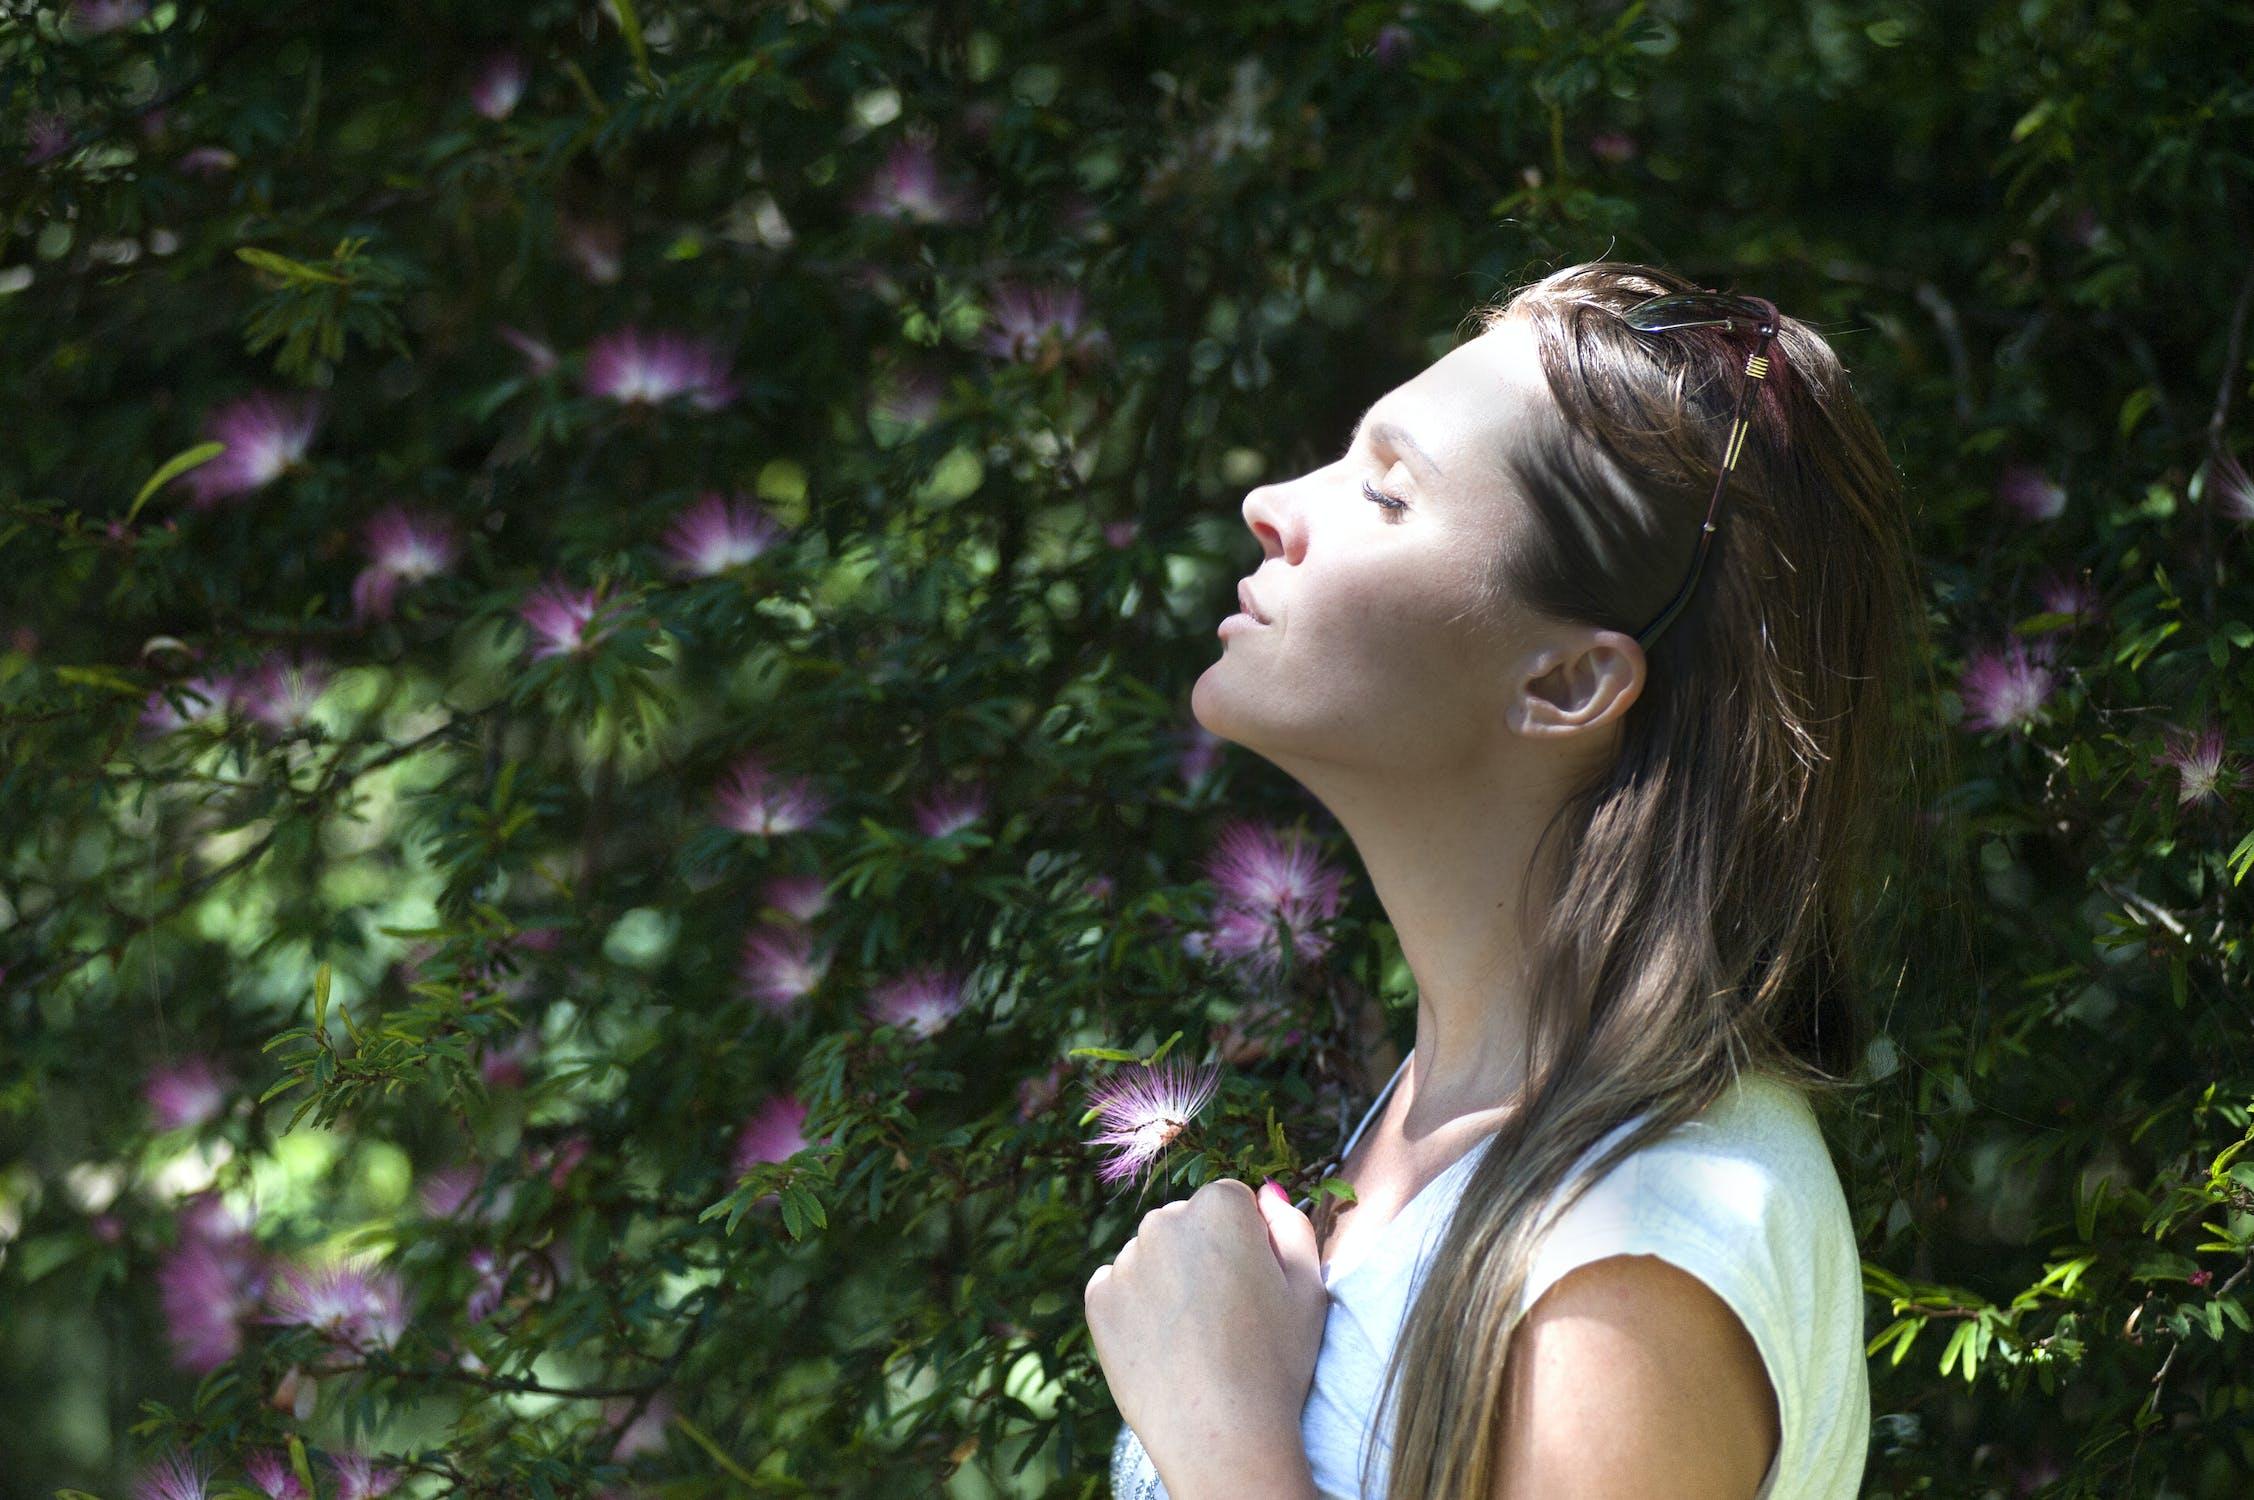 受験勉強中のおすすめの息抜き方法『新鮮な空気を吸う』